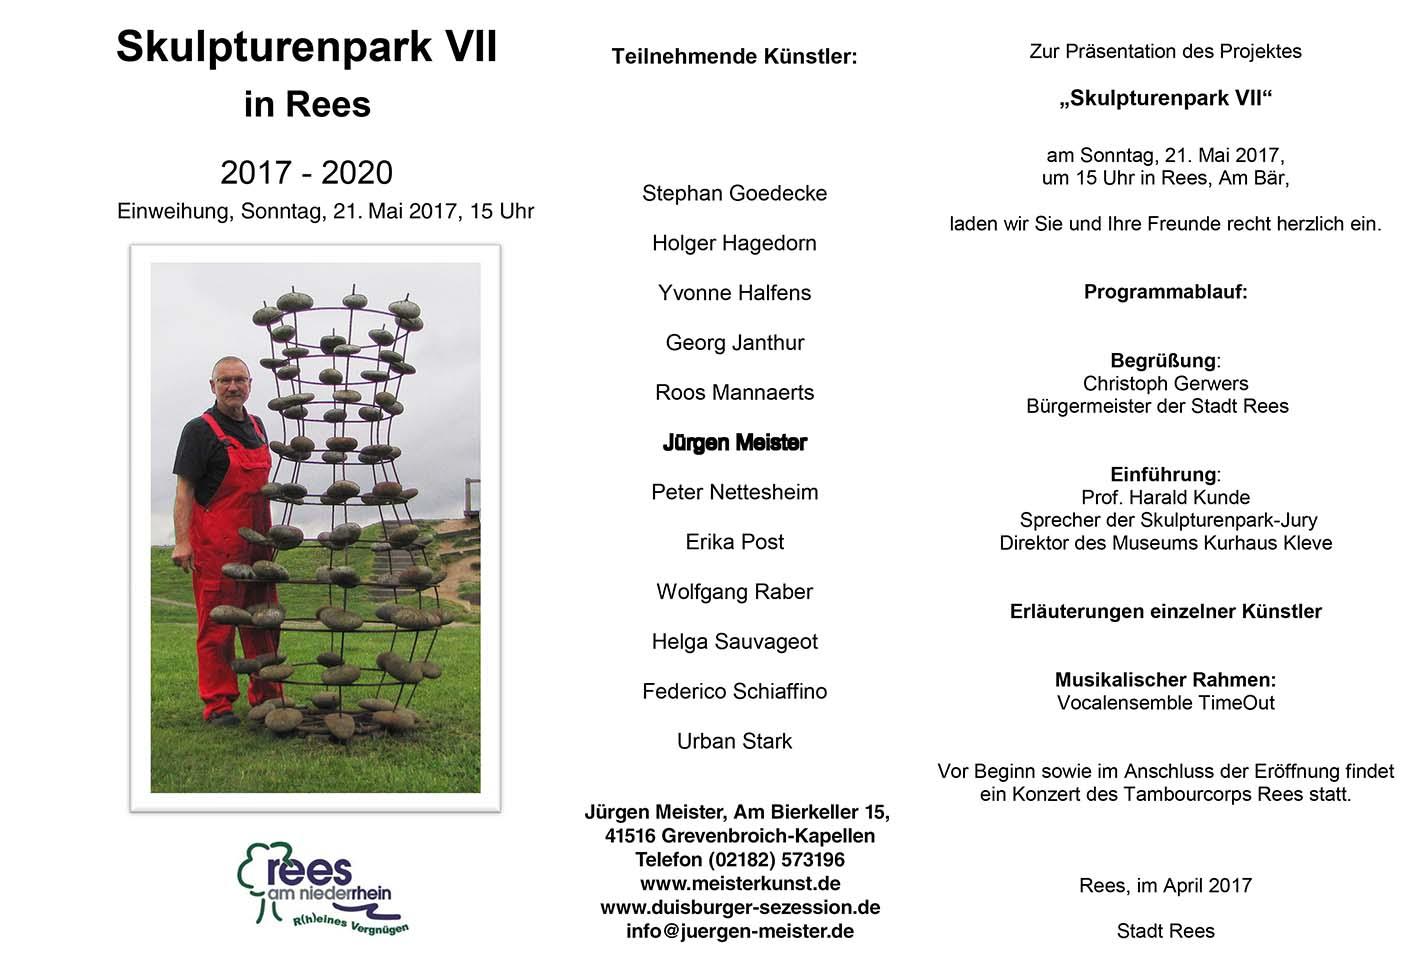 Skulpturenpark VII in Rees